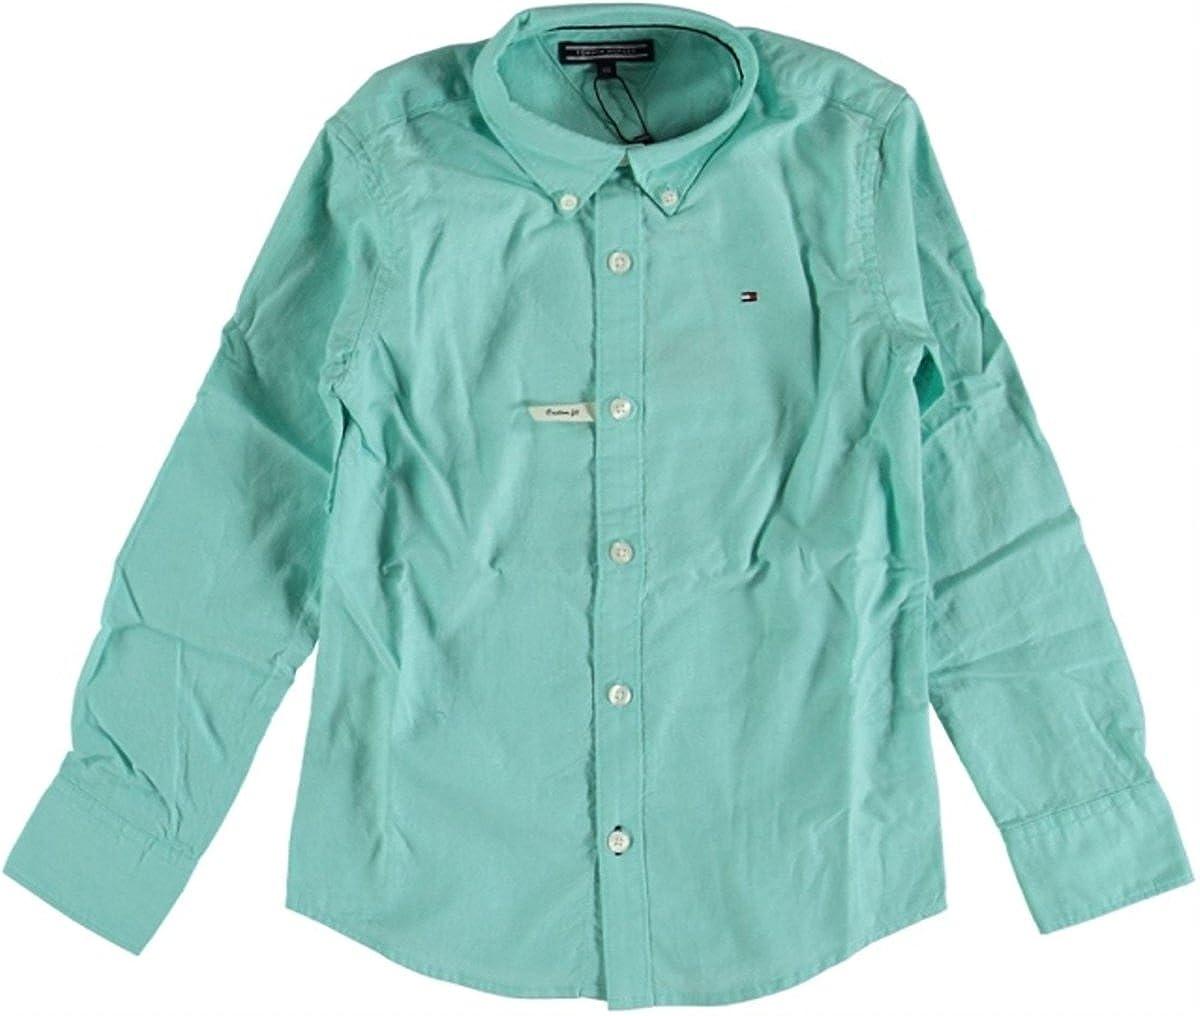 Tommy Hilfiger - Camisa - para niño Azul 128: Amazon.es: Ropa y accesorios